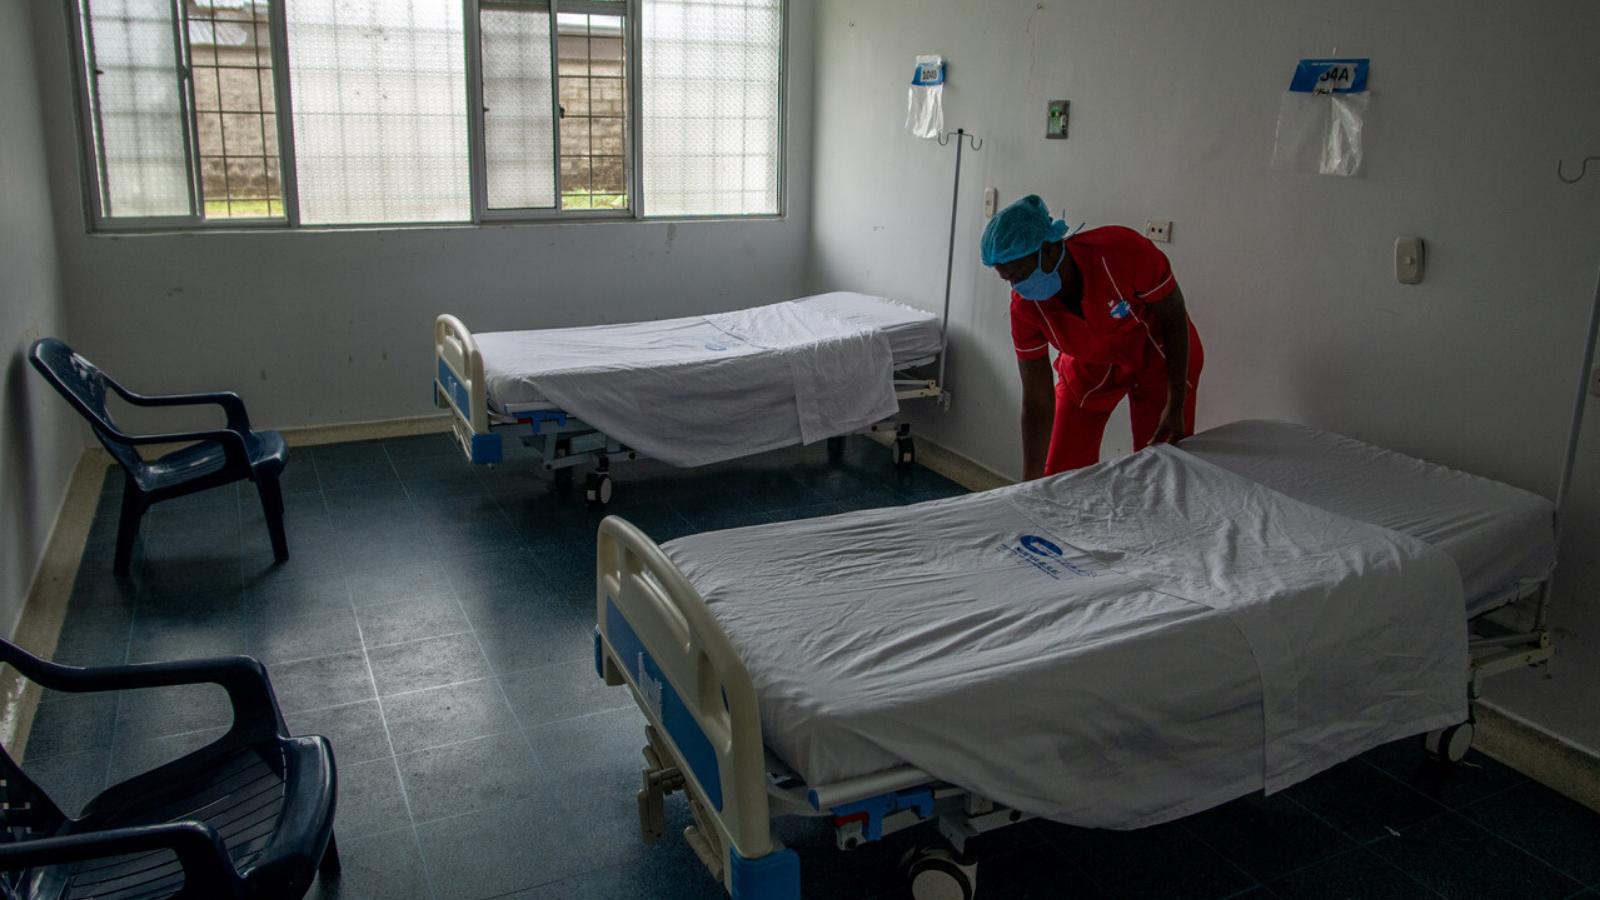 27 camas para medio millón de personas: la dura realidad de Chocó